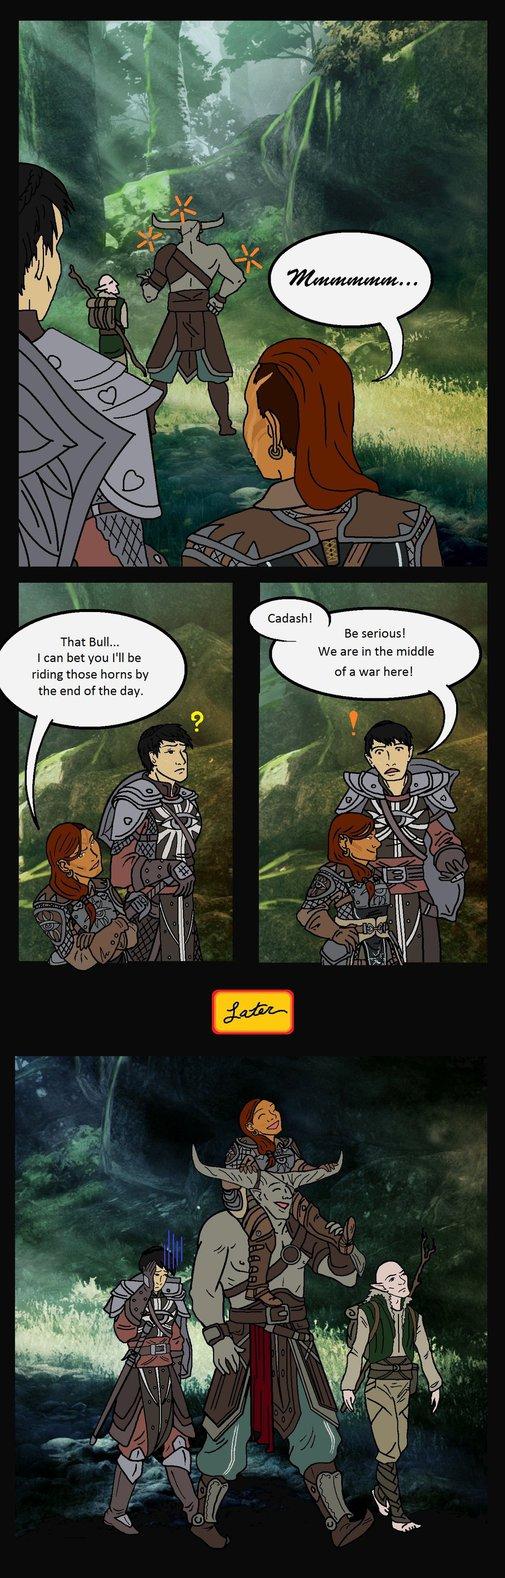 Geez Cassandra, such a dirty mind. ;)